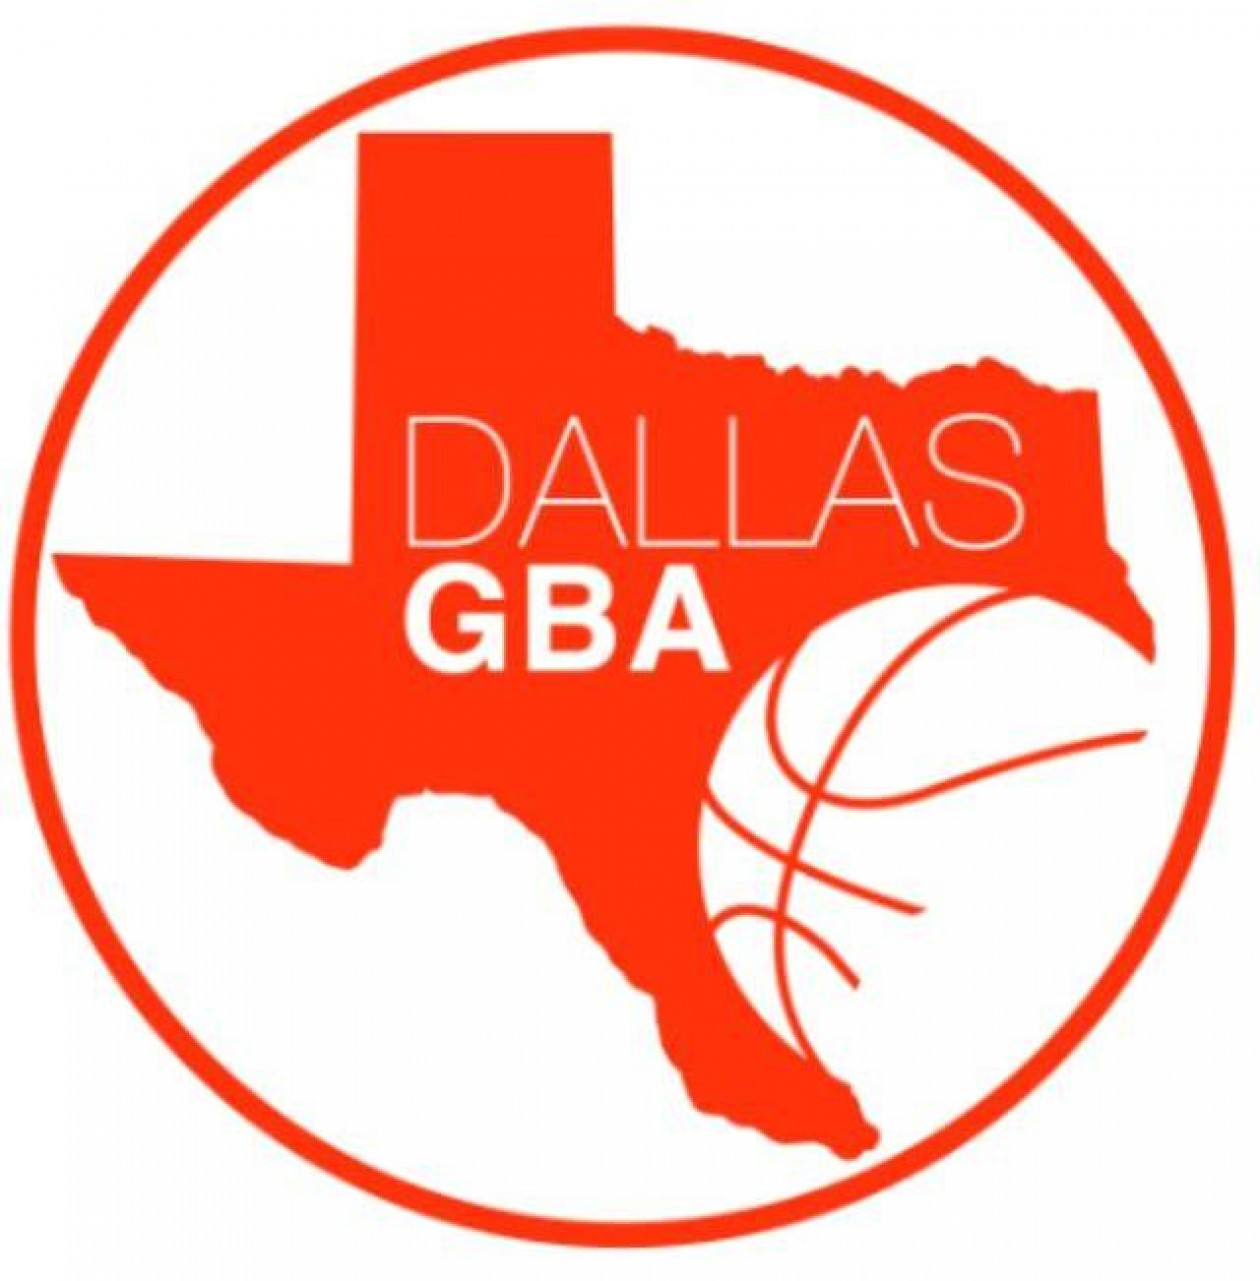 Dallas GBA Logo